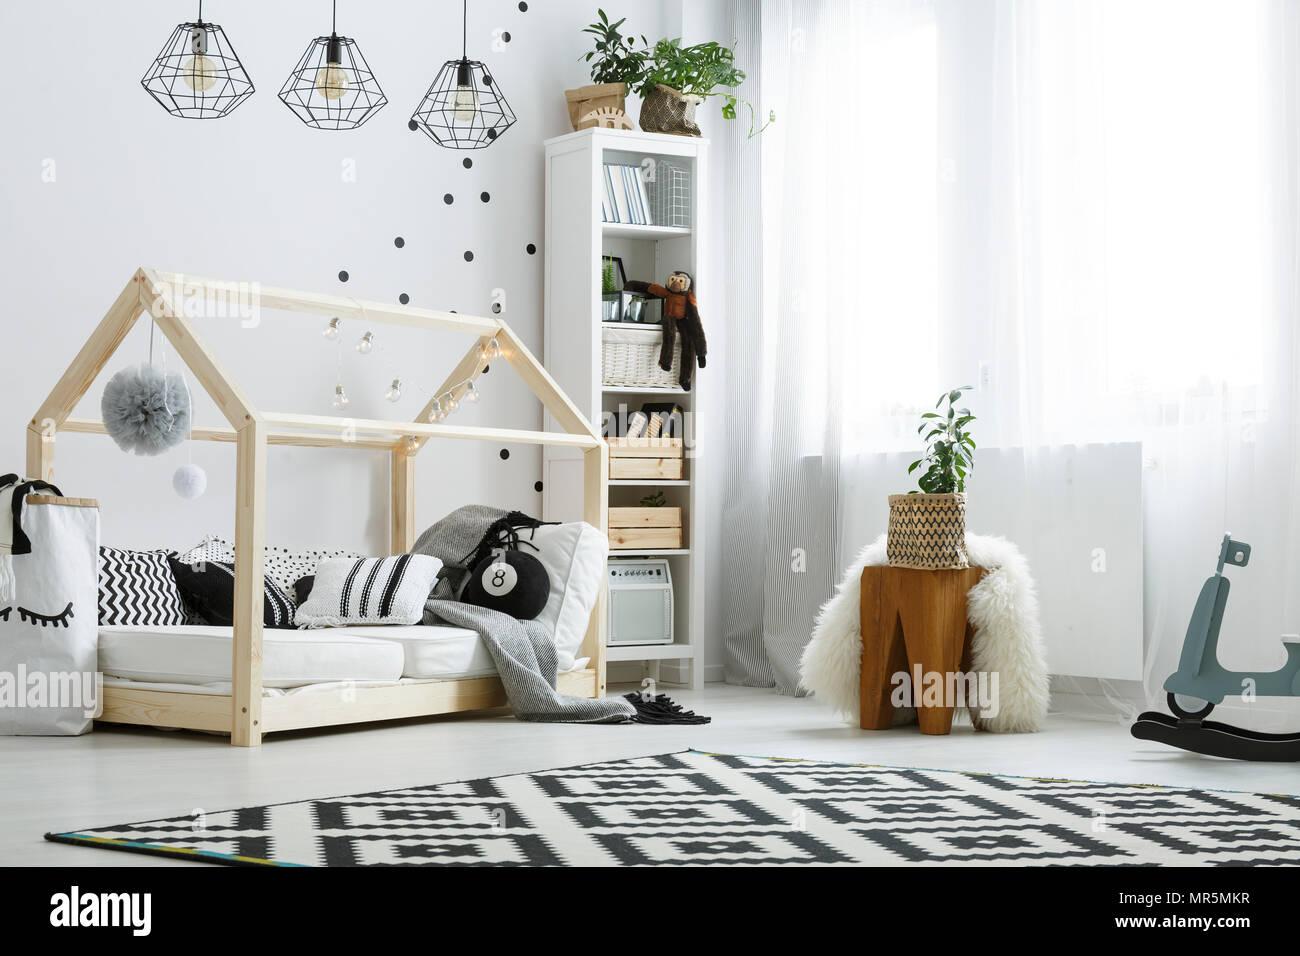 Chambre blanche avec un lit en bois, lampes, tapis et bibliothèque ...